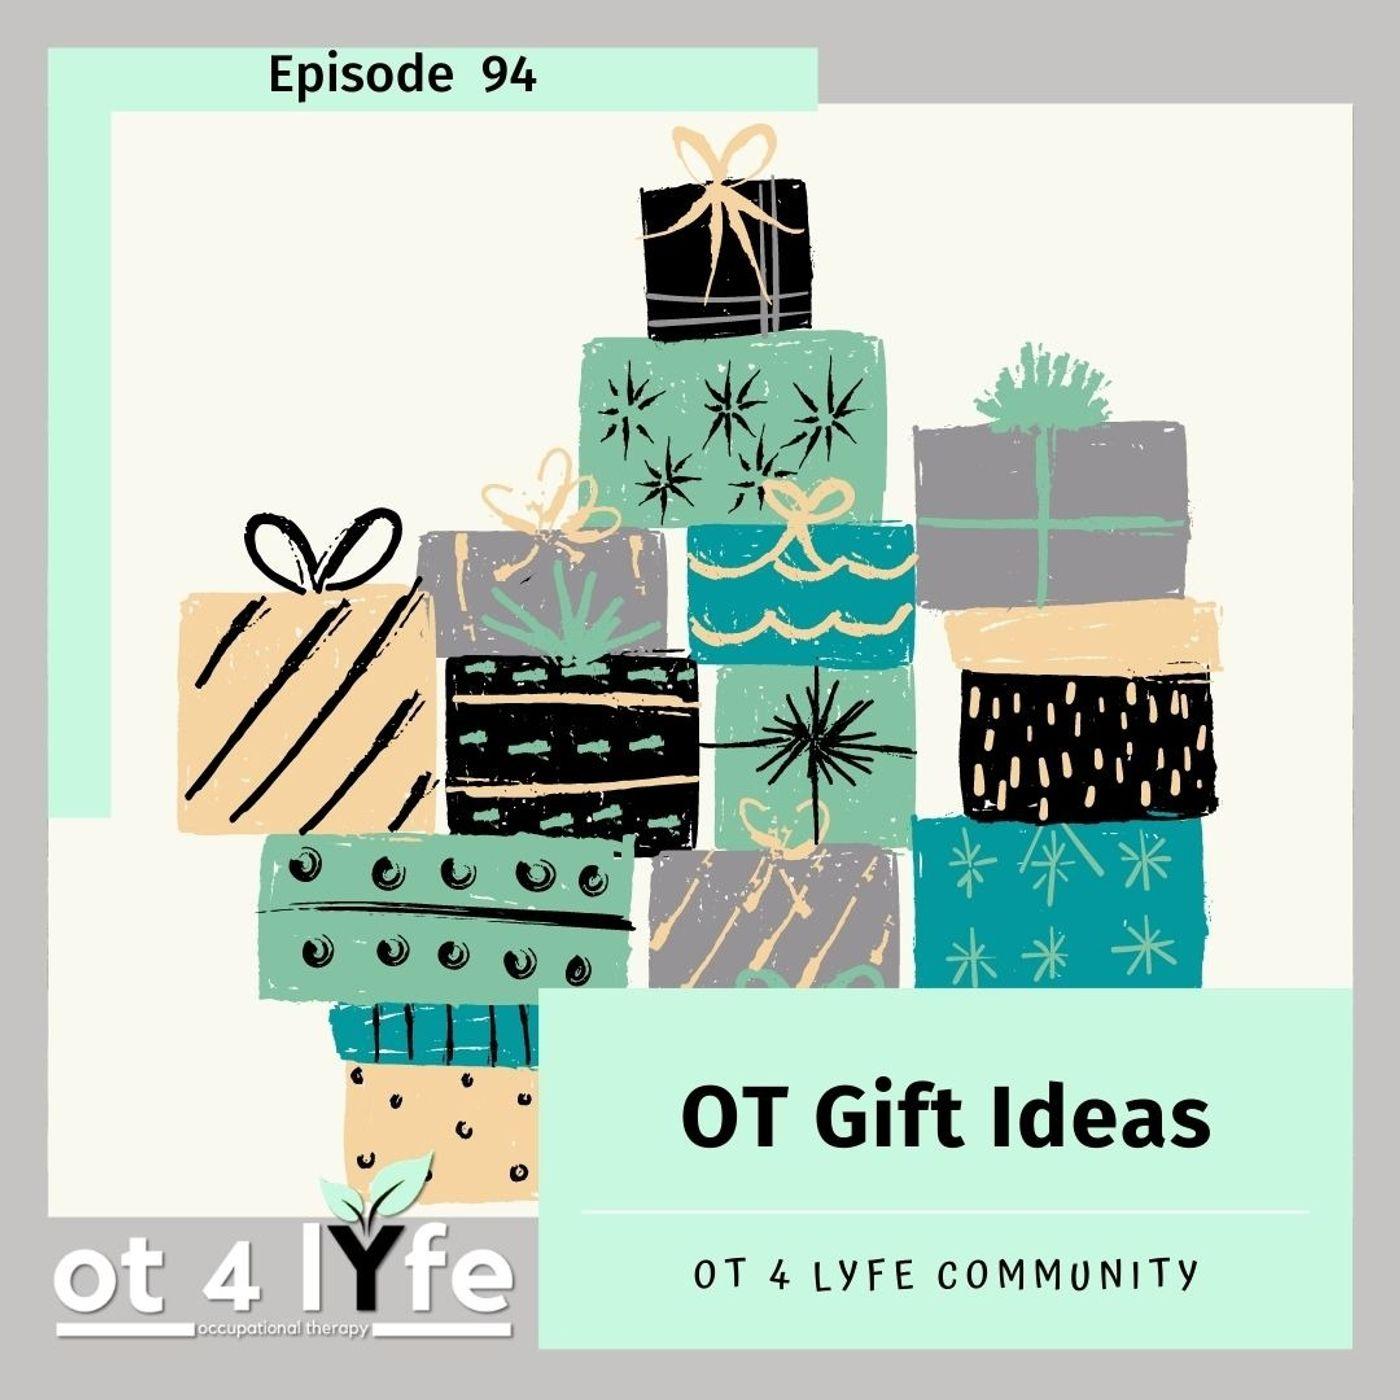 OT Gift Ideas